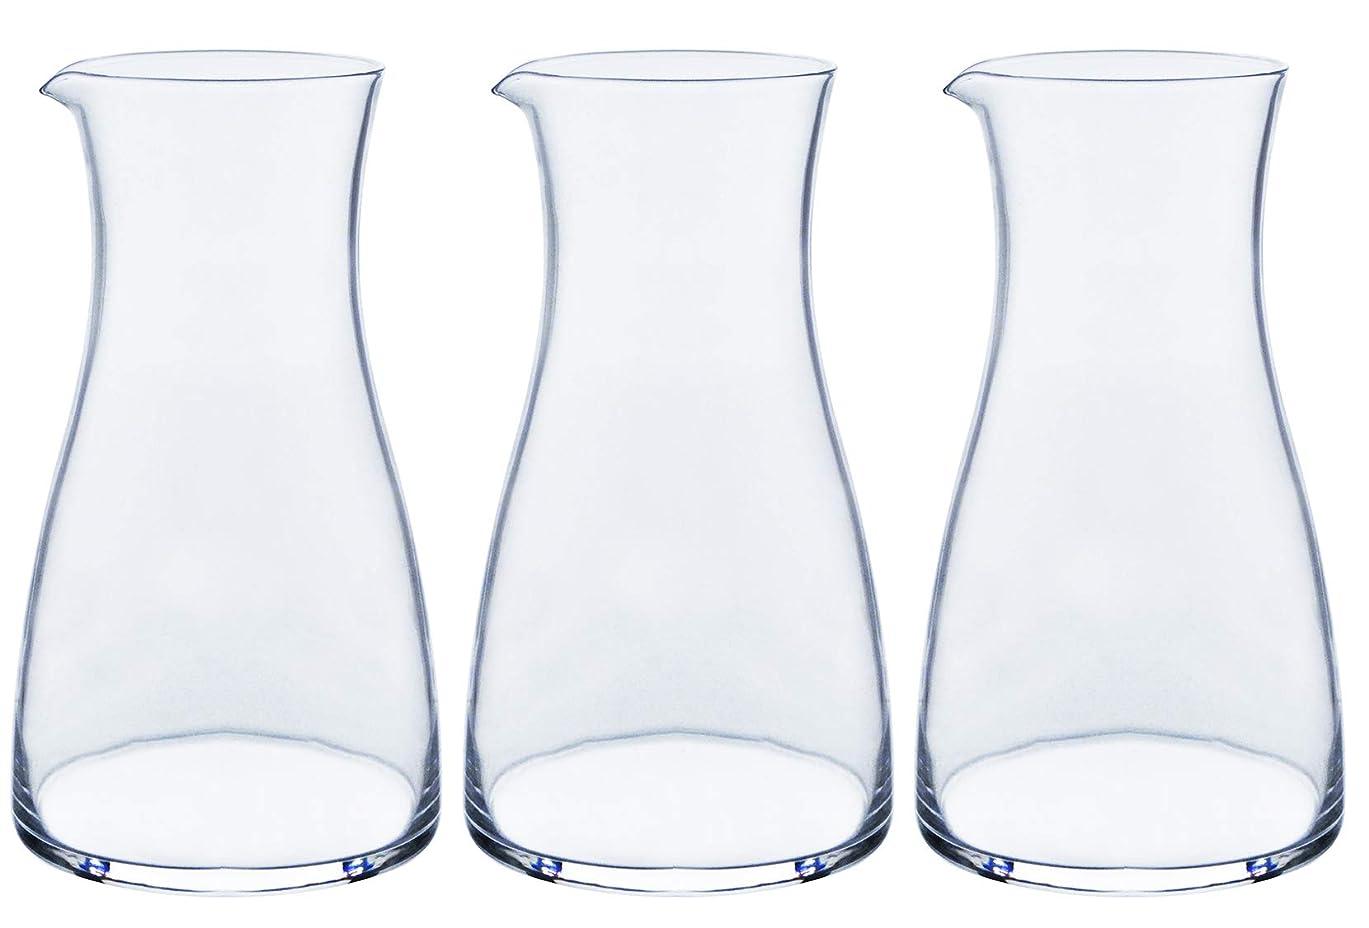 黒板急行する電気的東洋佐々木ガラス 冷酒カラフェ クリア 310ml 徳利 日本製 食洗機対応 00247-JAN